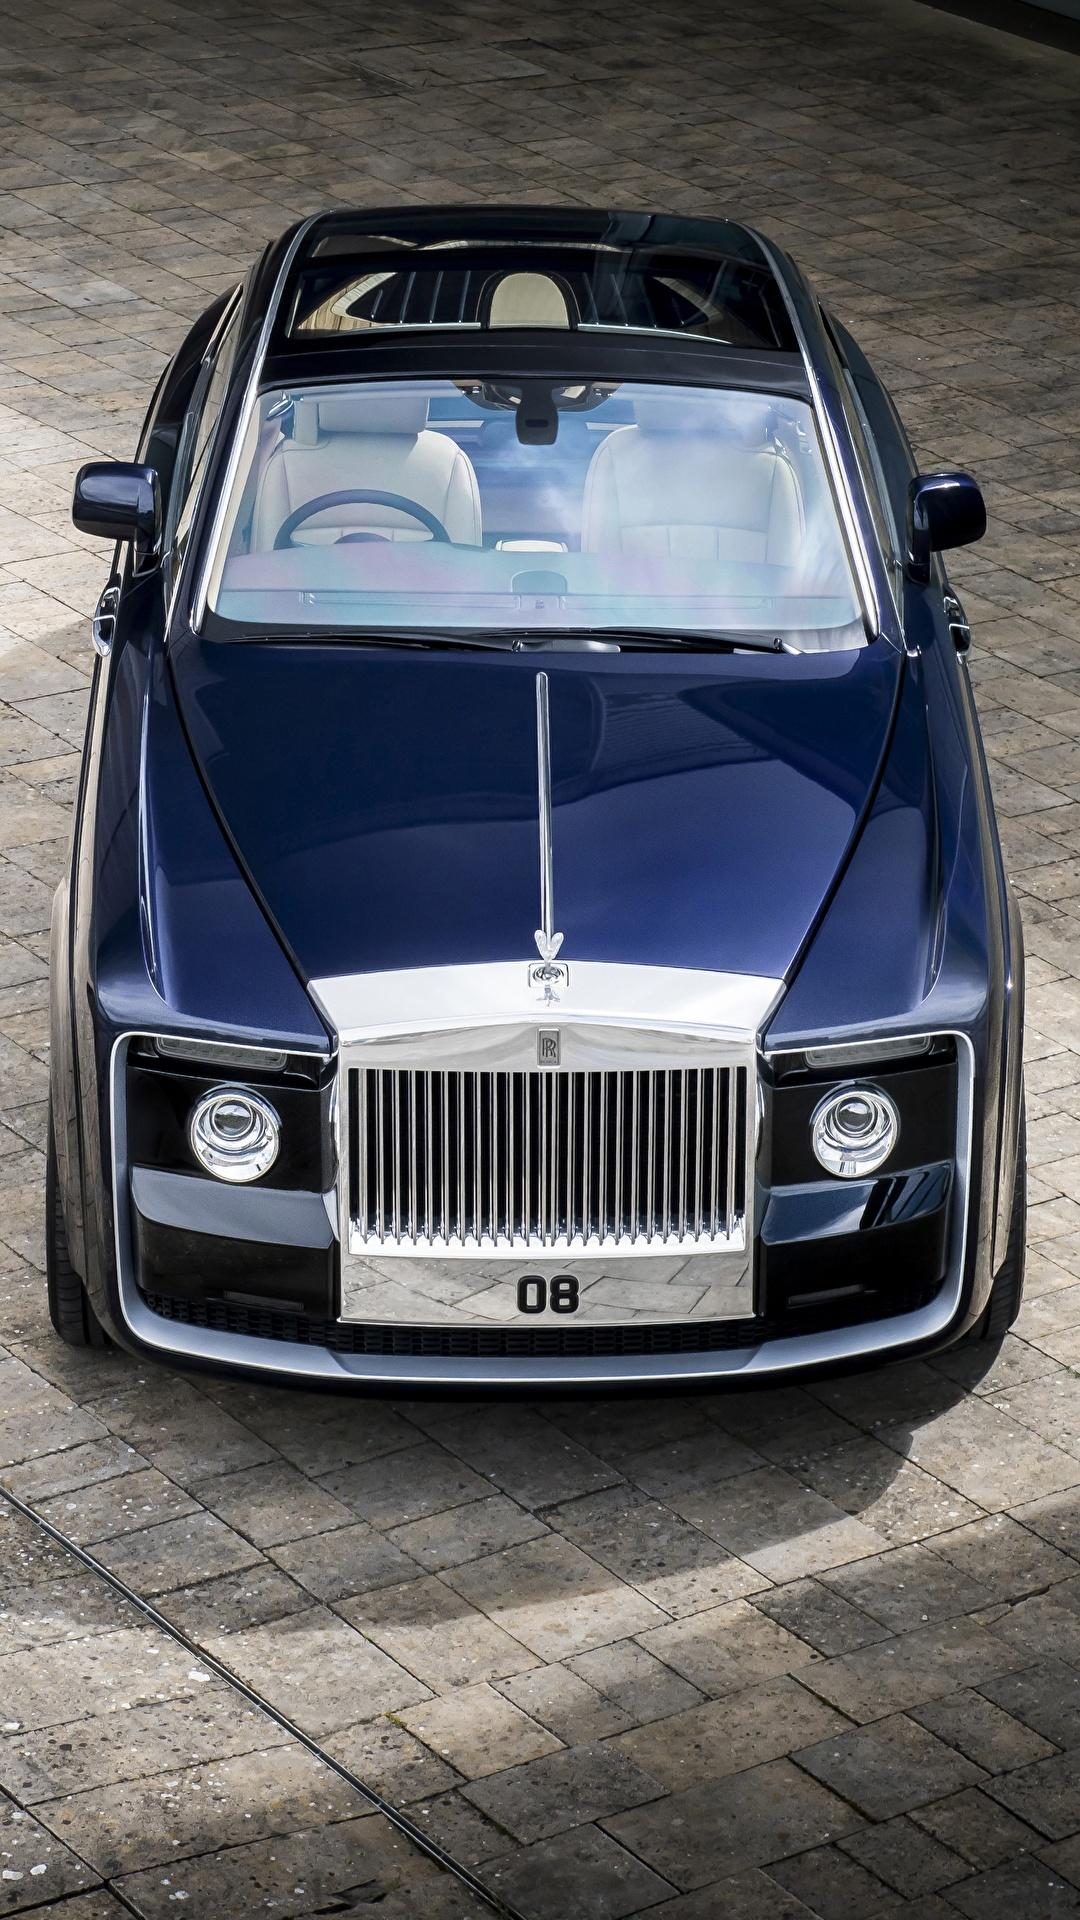 Фото Rolls-Royce 2017 Sweptail Синий Сверху Металлик автомобиль 1080x1920 Роллс ройс синих синие синяя авто машина машины Автомобили